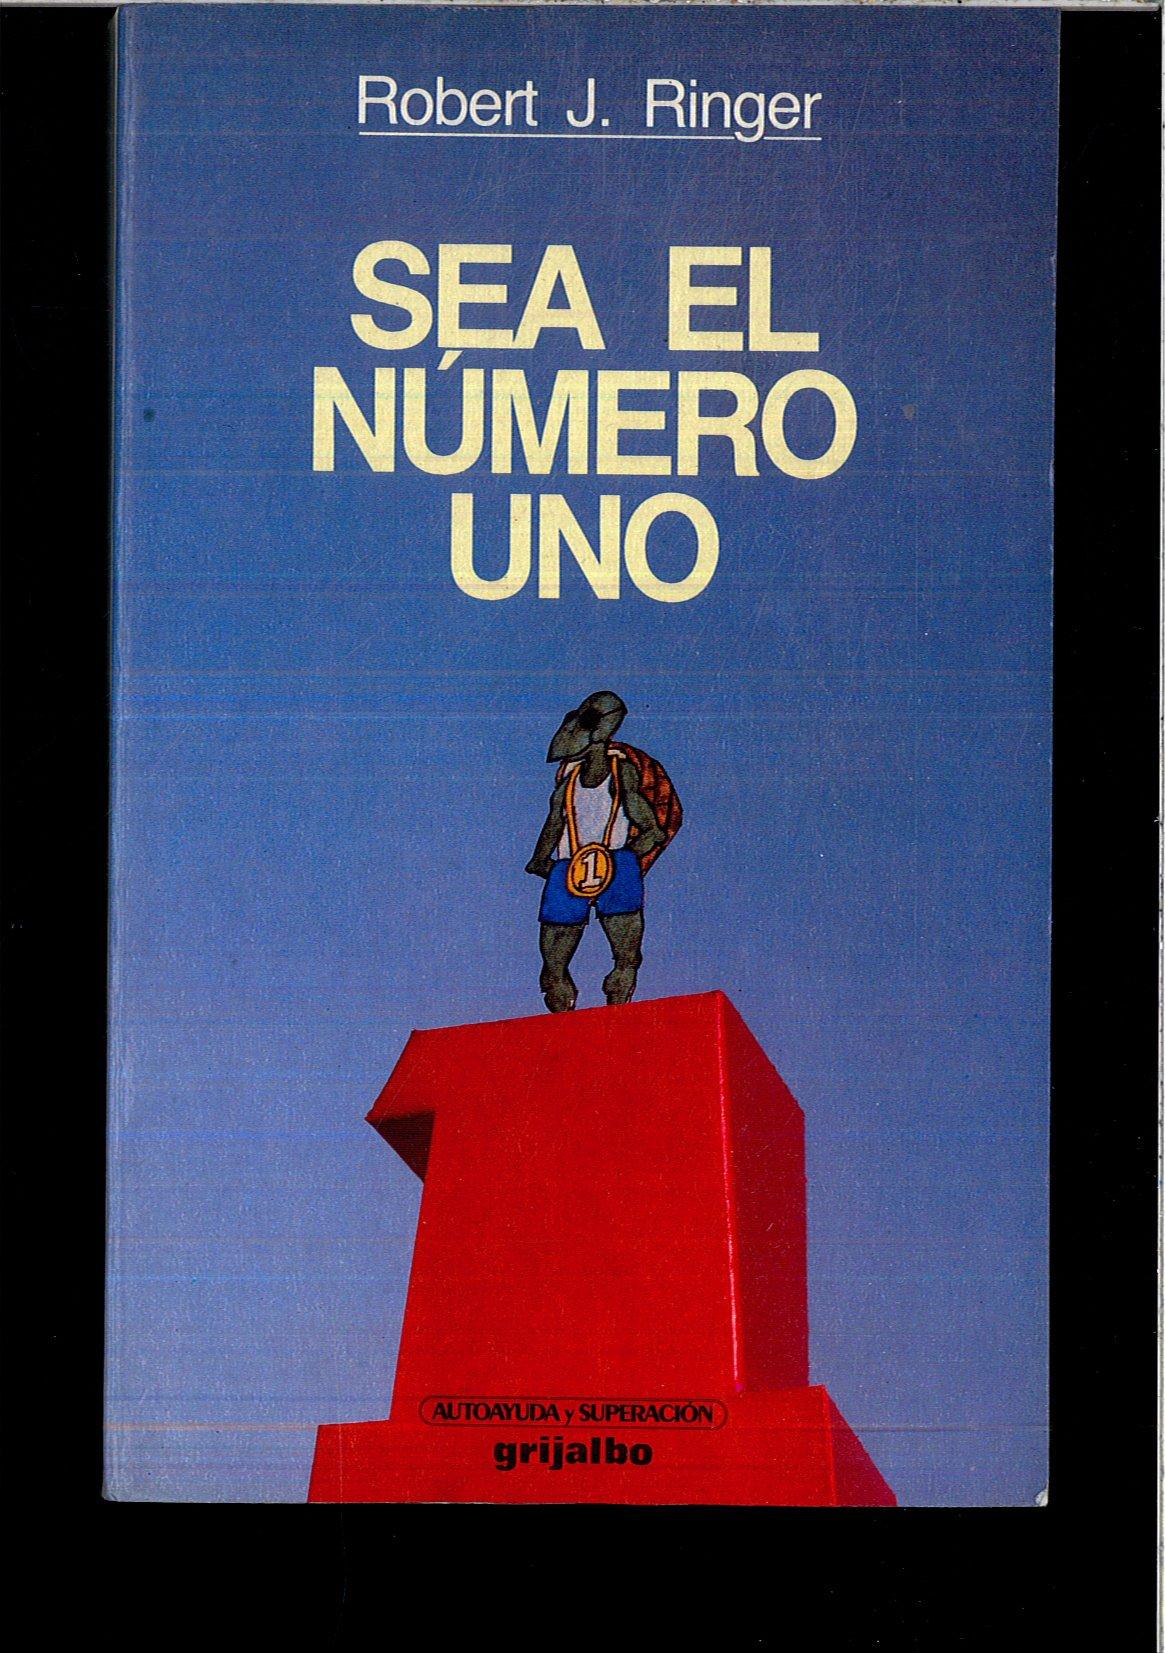 SEA EL NUMERO UNO: Amazon.es: ROBERT J. RINGER: Libros